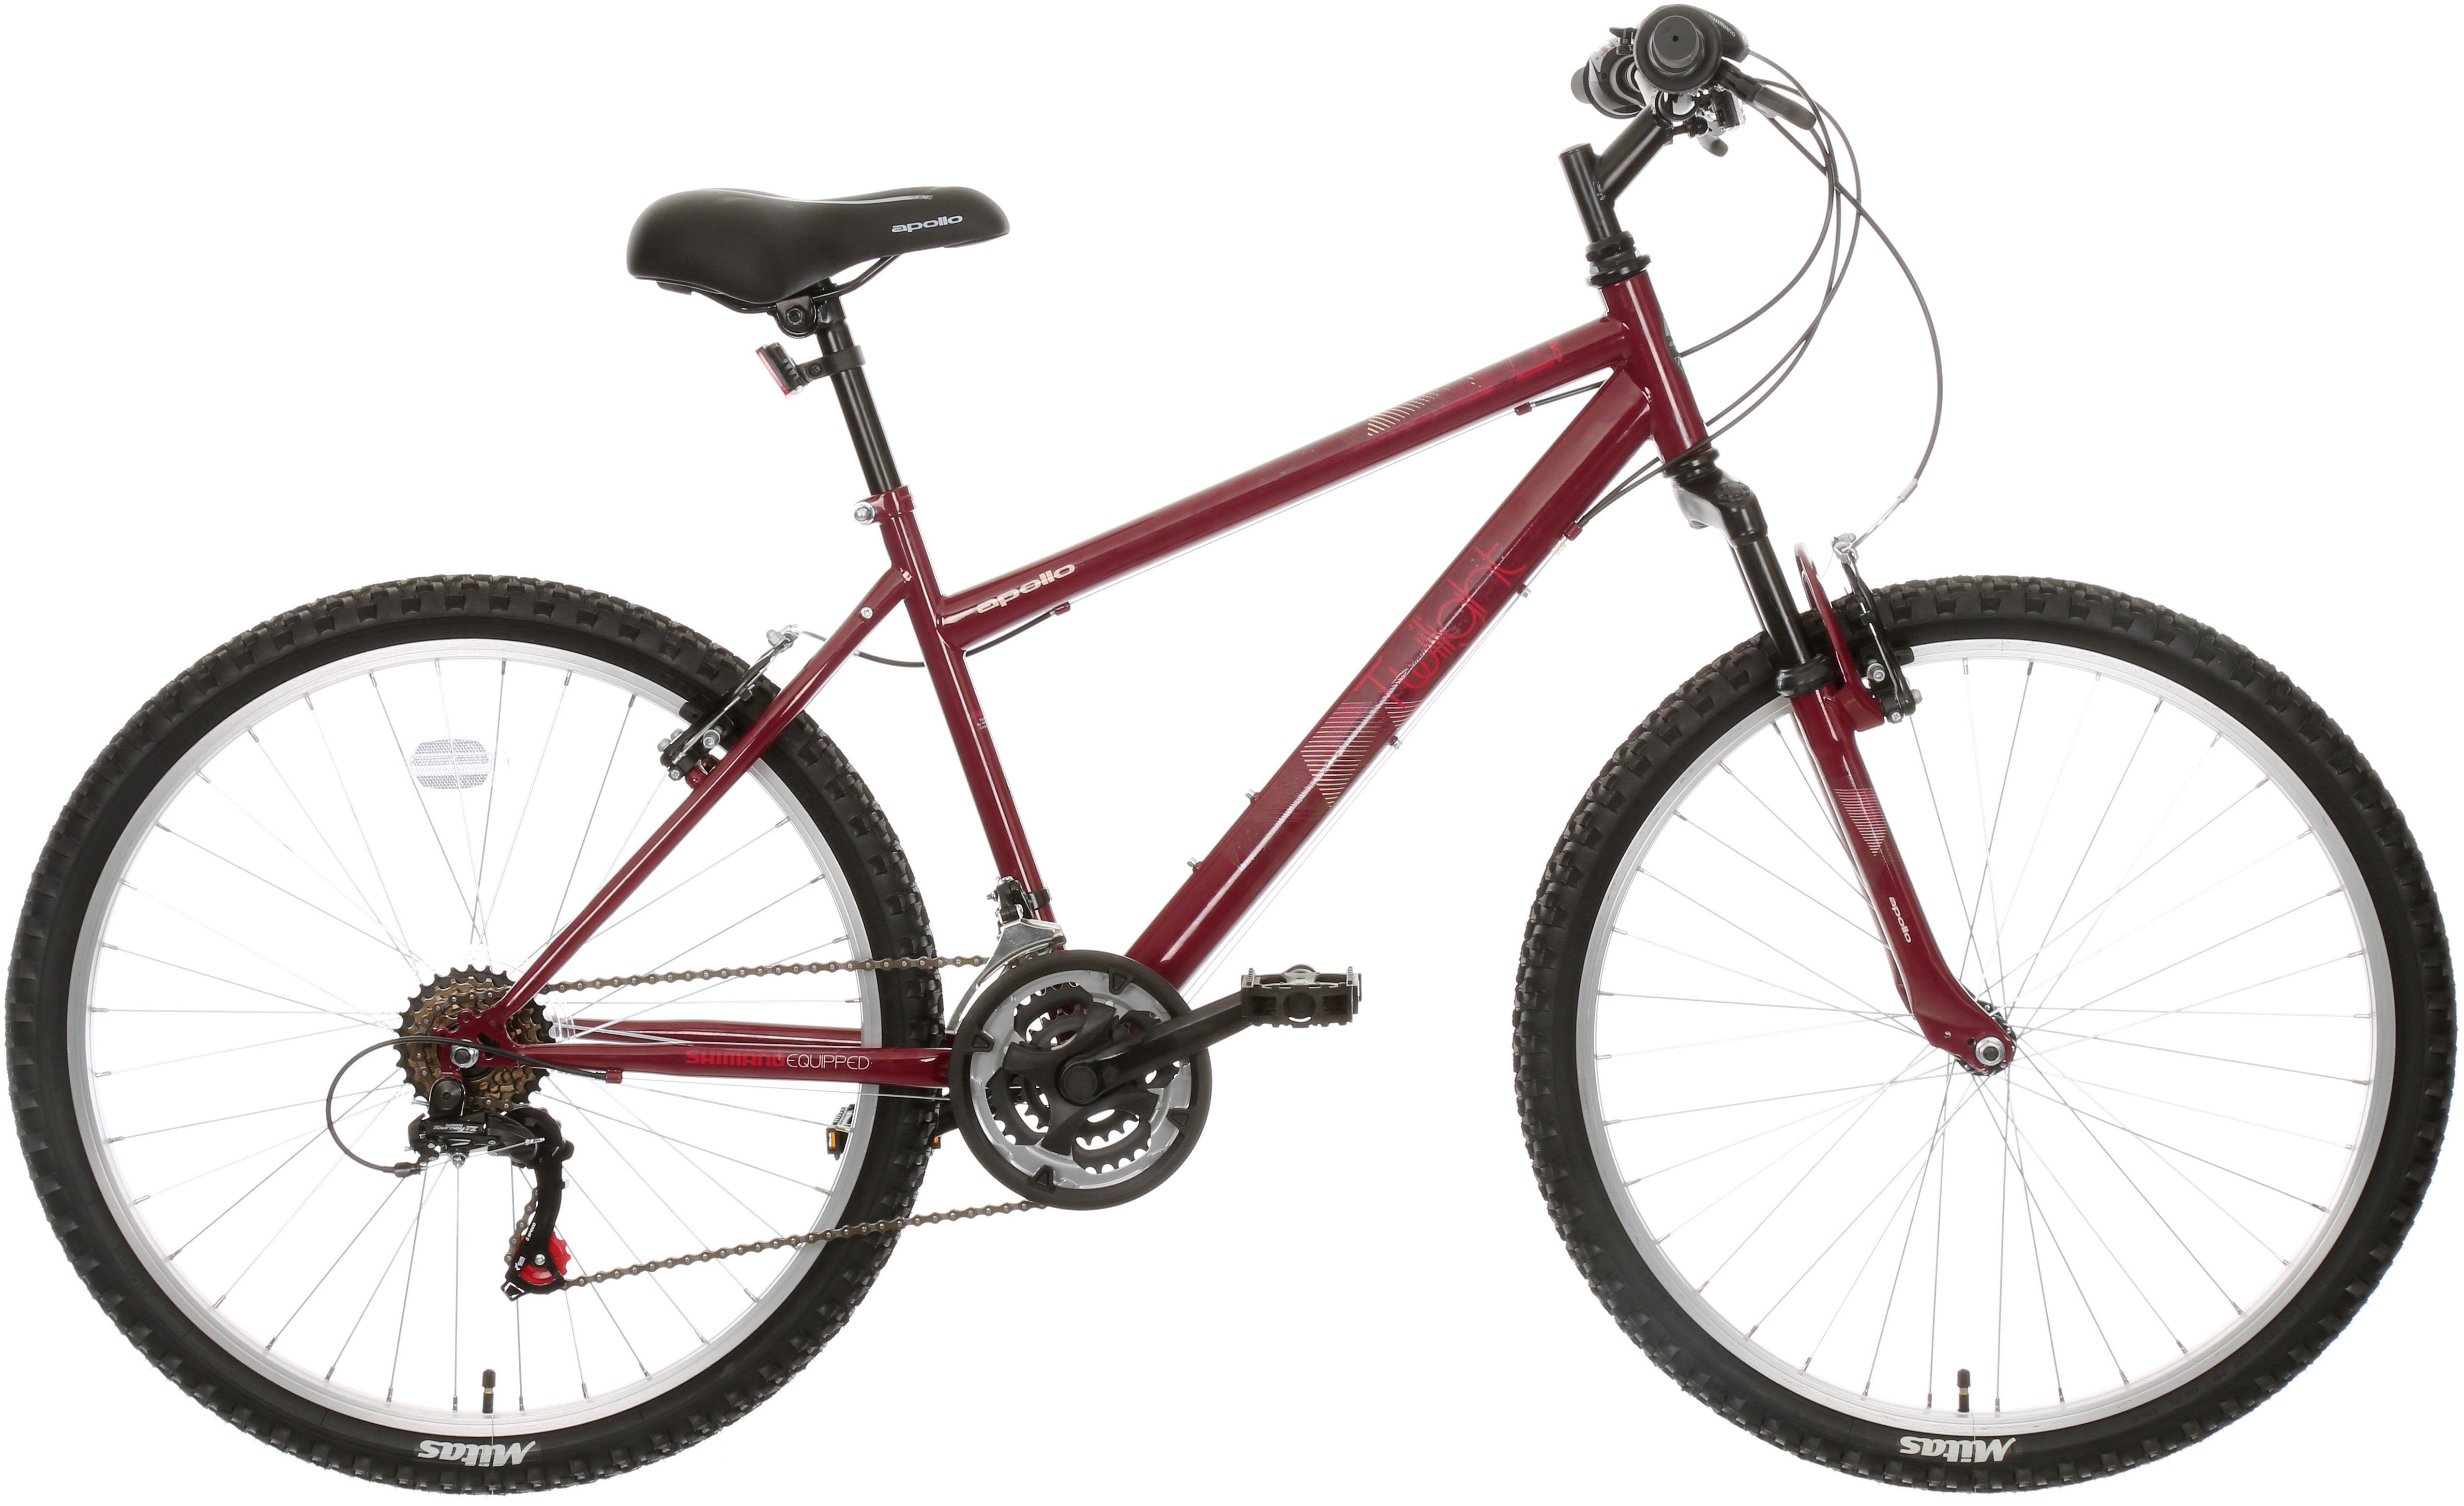 Apollo Twilight Womens Mountain Bike - Red - 21 Speed - S